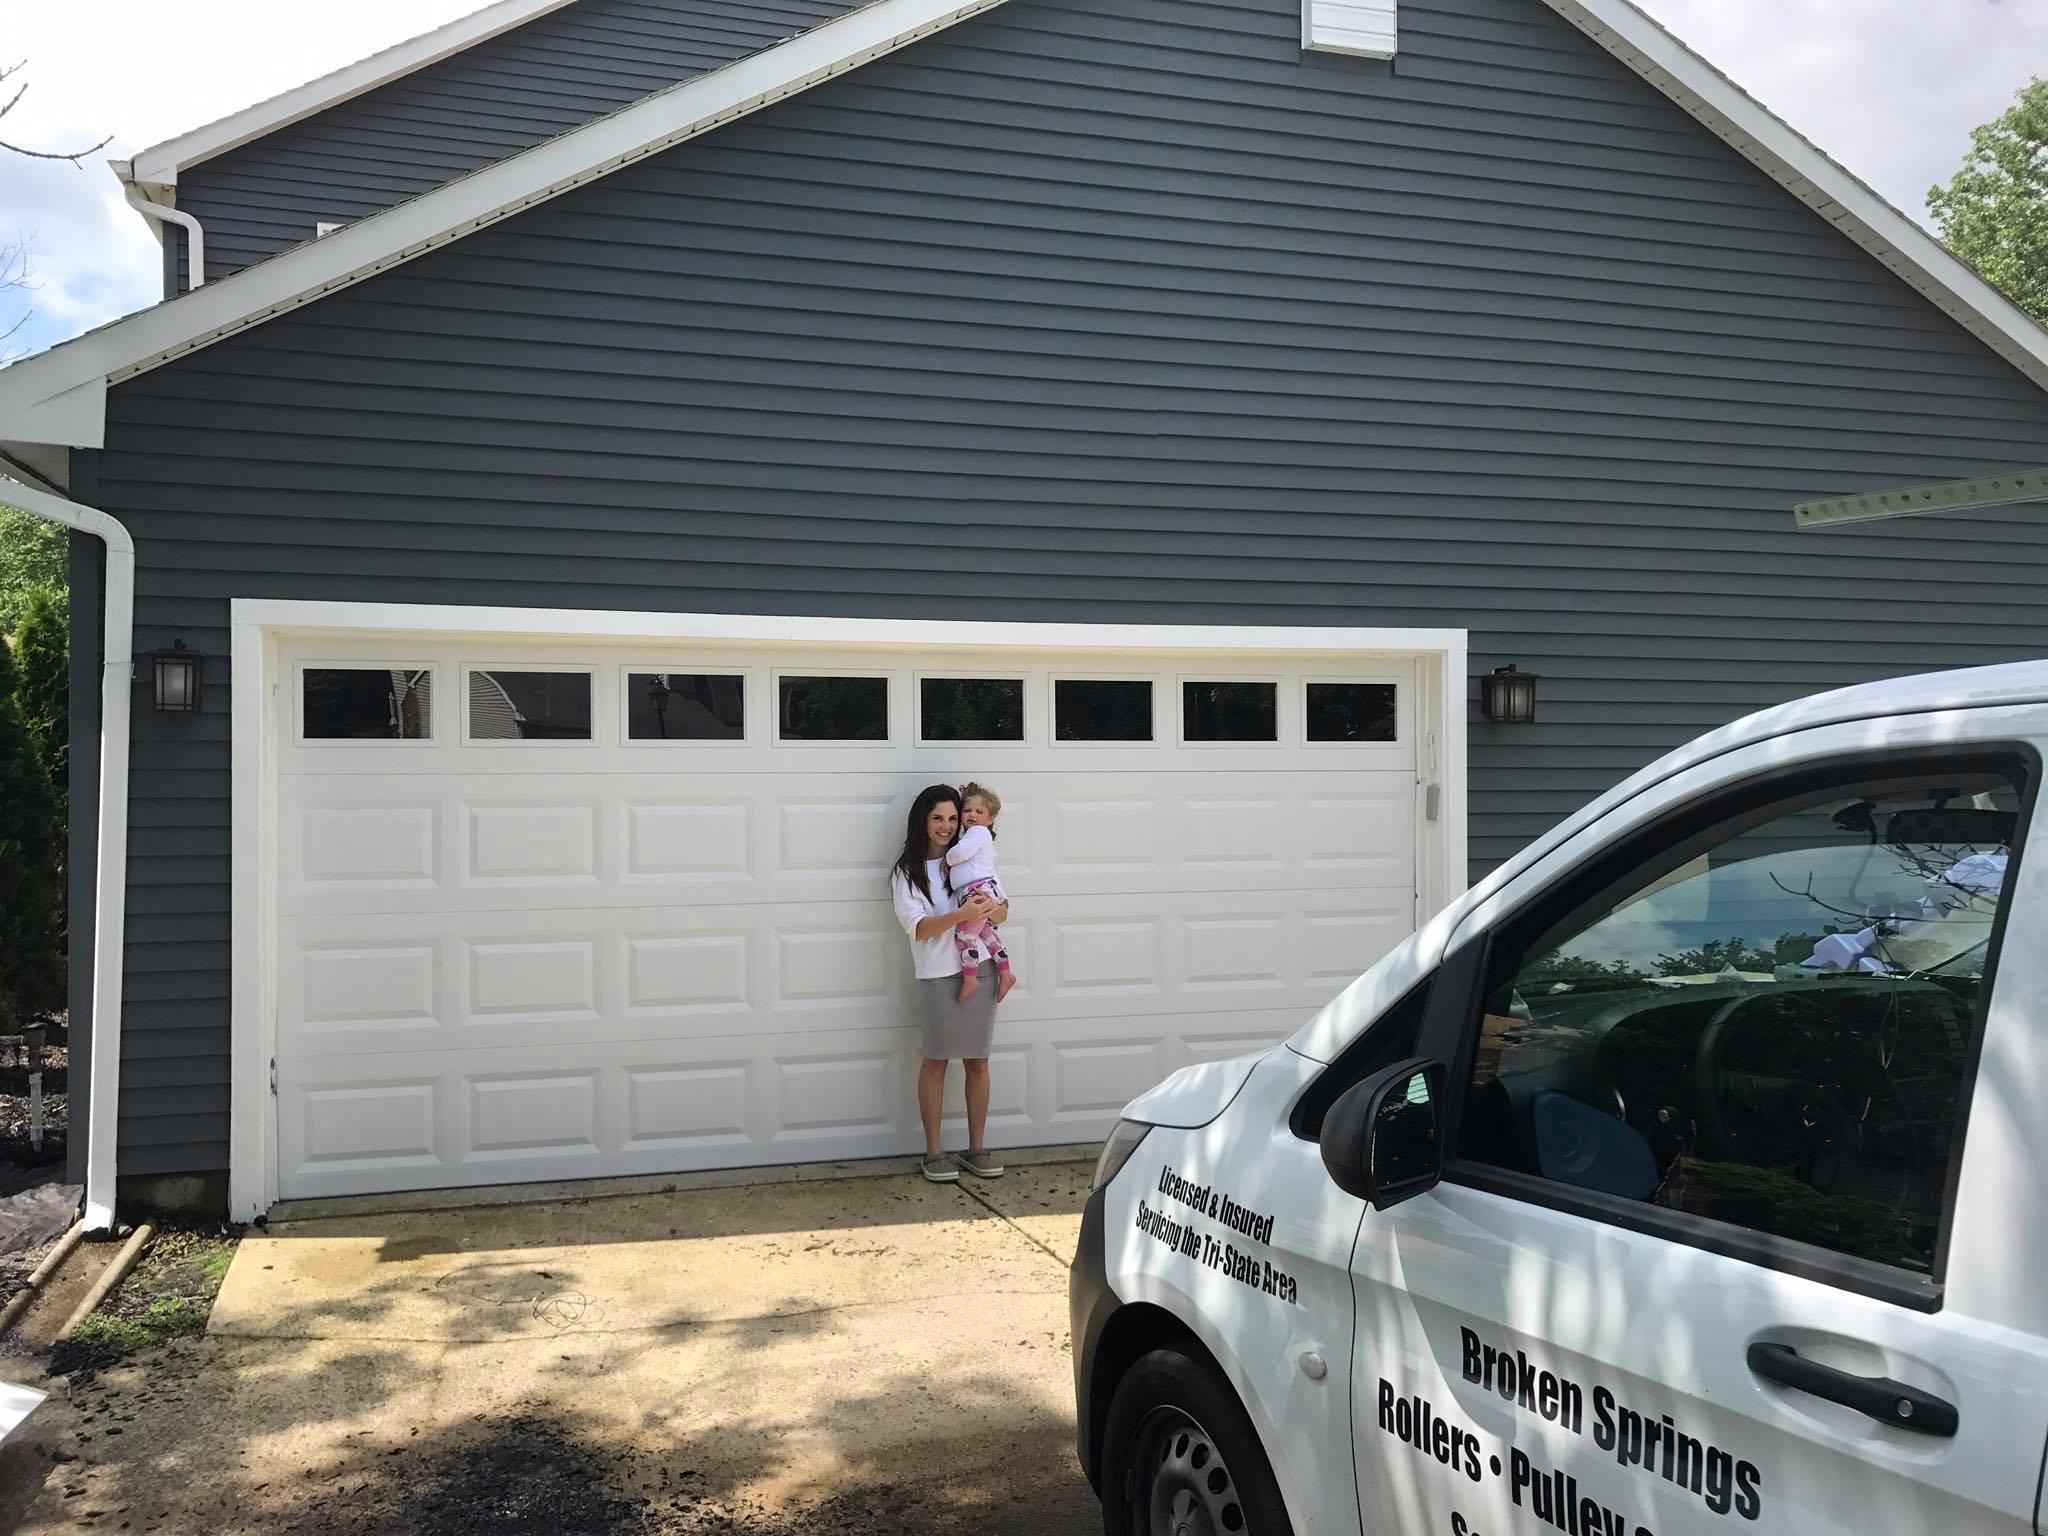 Aviya 39 s garage door in cherry hill nj 08002 for Garage door repair cherry hill nj